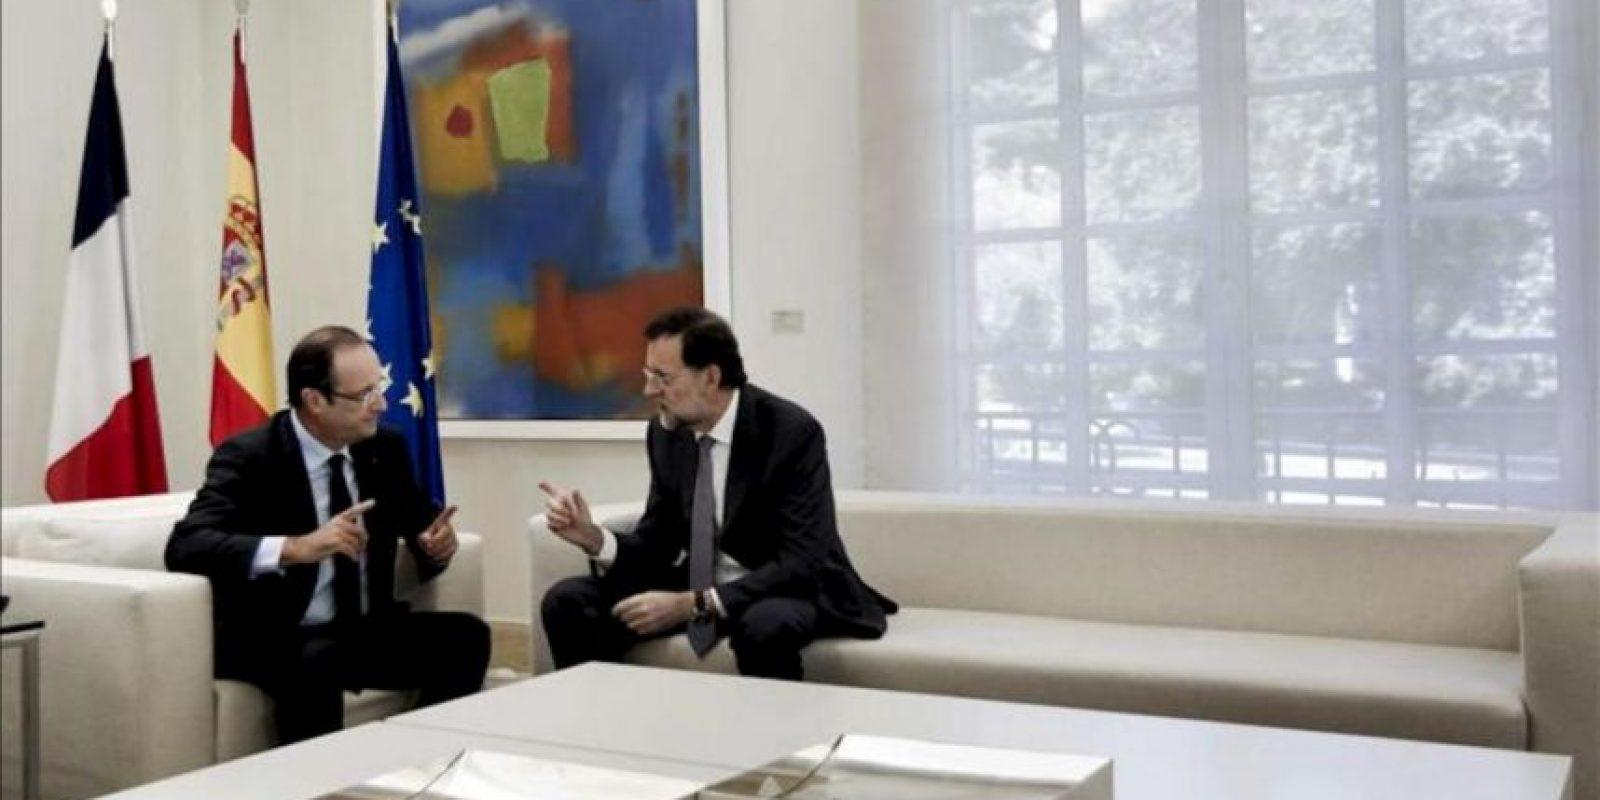 El jefe del Gobierno español, Mariano Rajoy (d), y el presidente francés, François Hollande, durante la reunión que han mantenido hoy el Palacio de la Moncloa. EFE